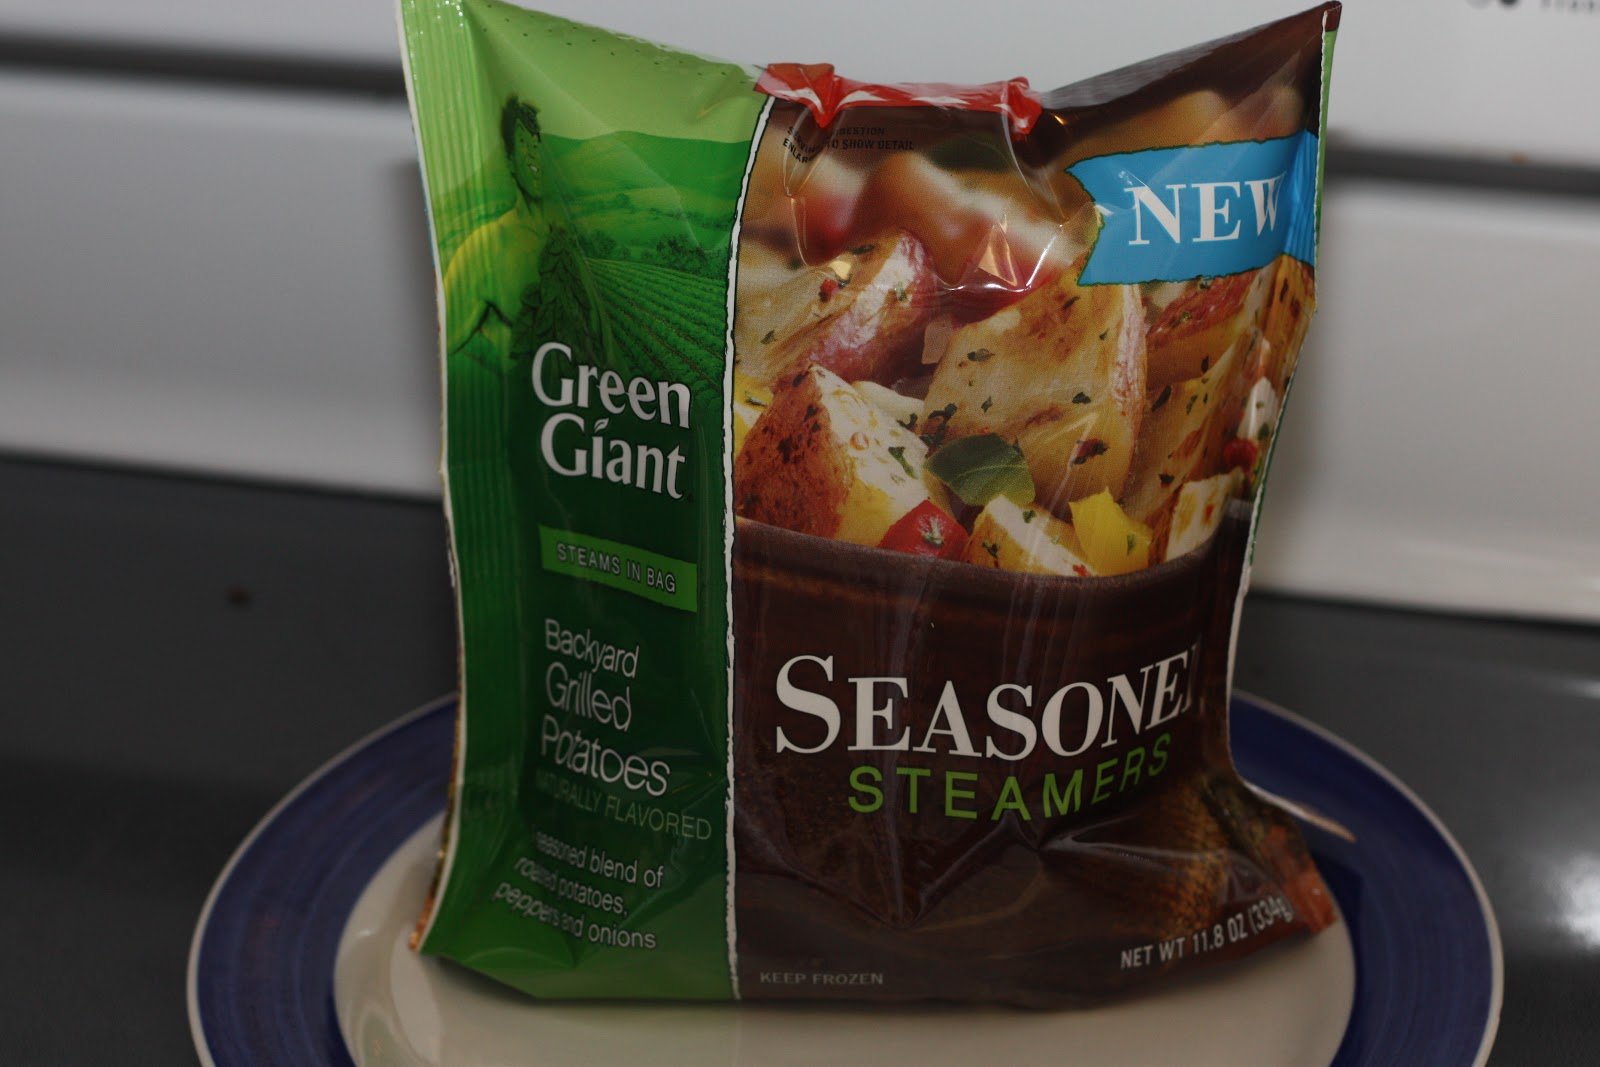 my favorite things green giant seasoned steamers gift pack